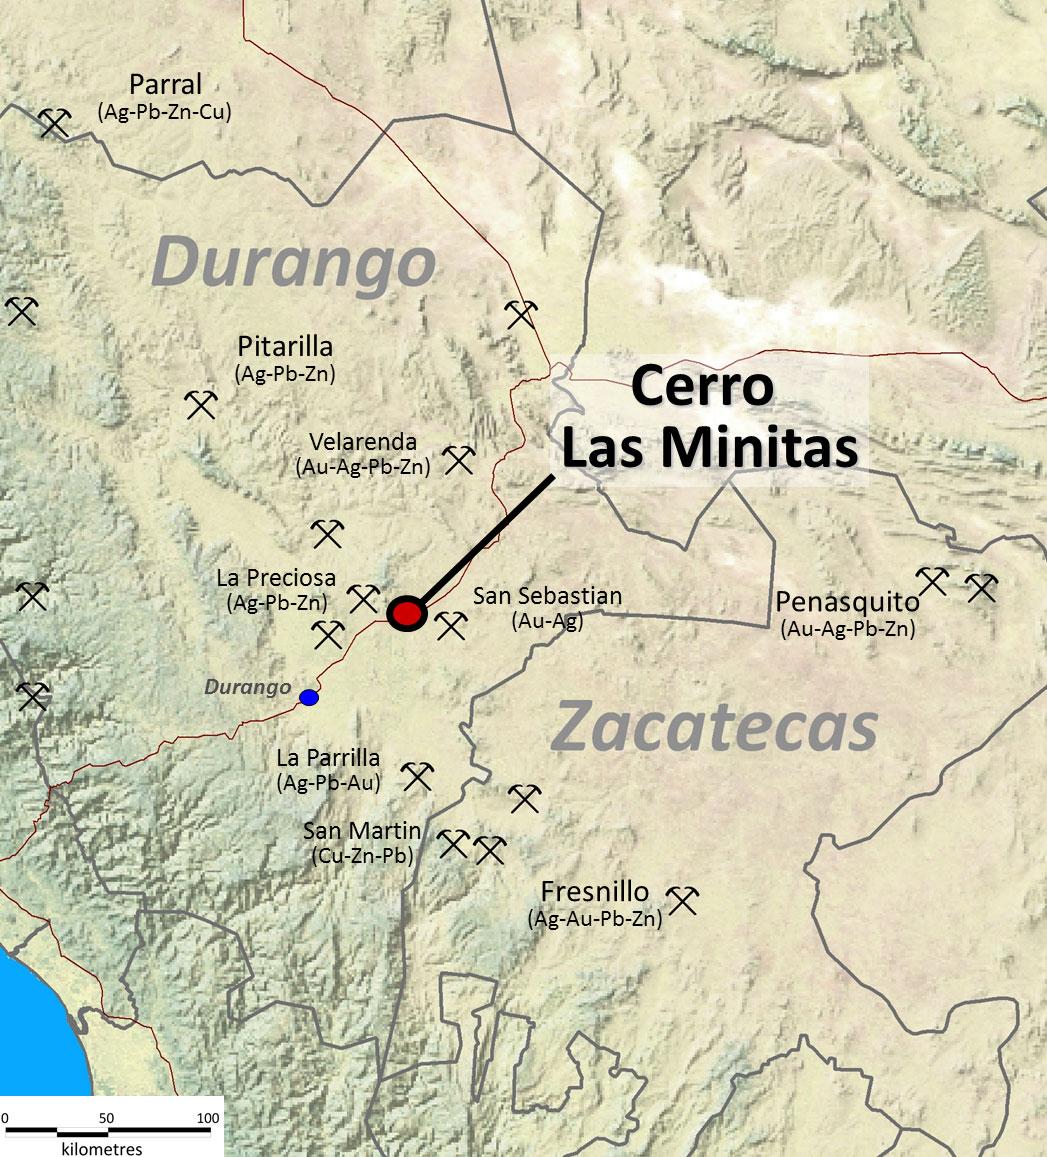 Cerro Las Minitas Location